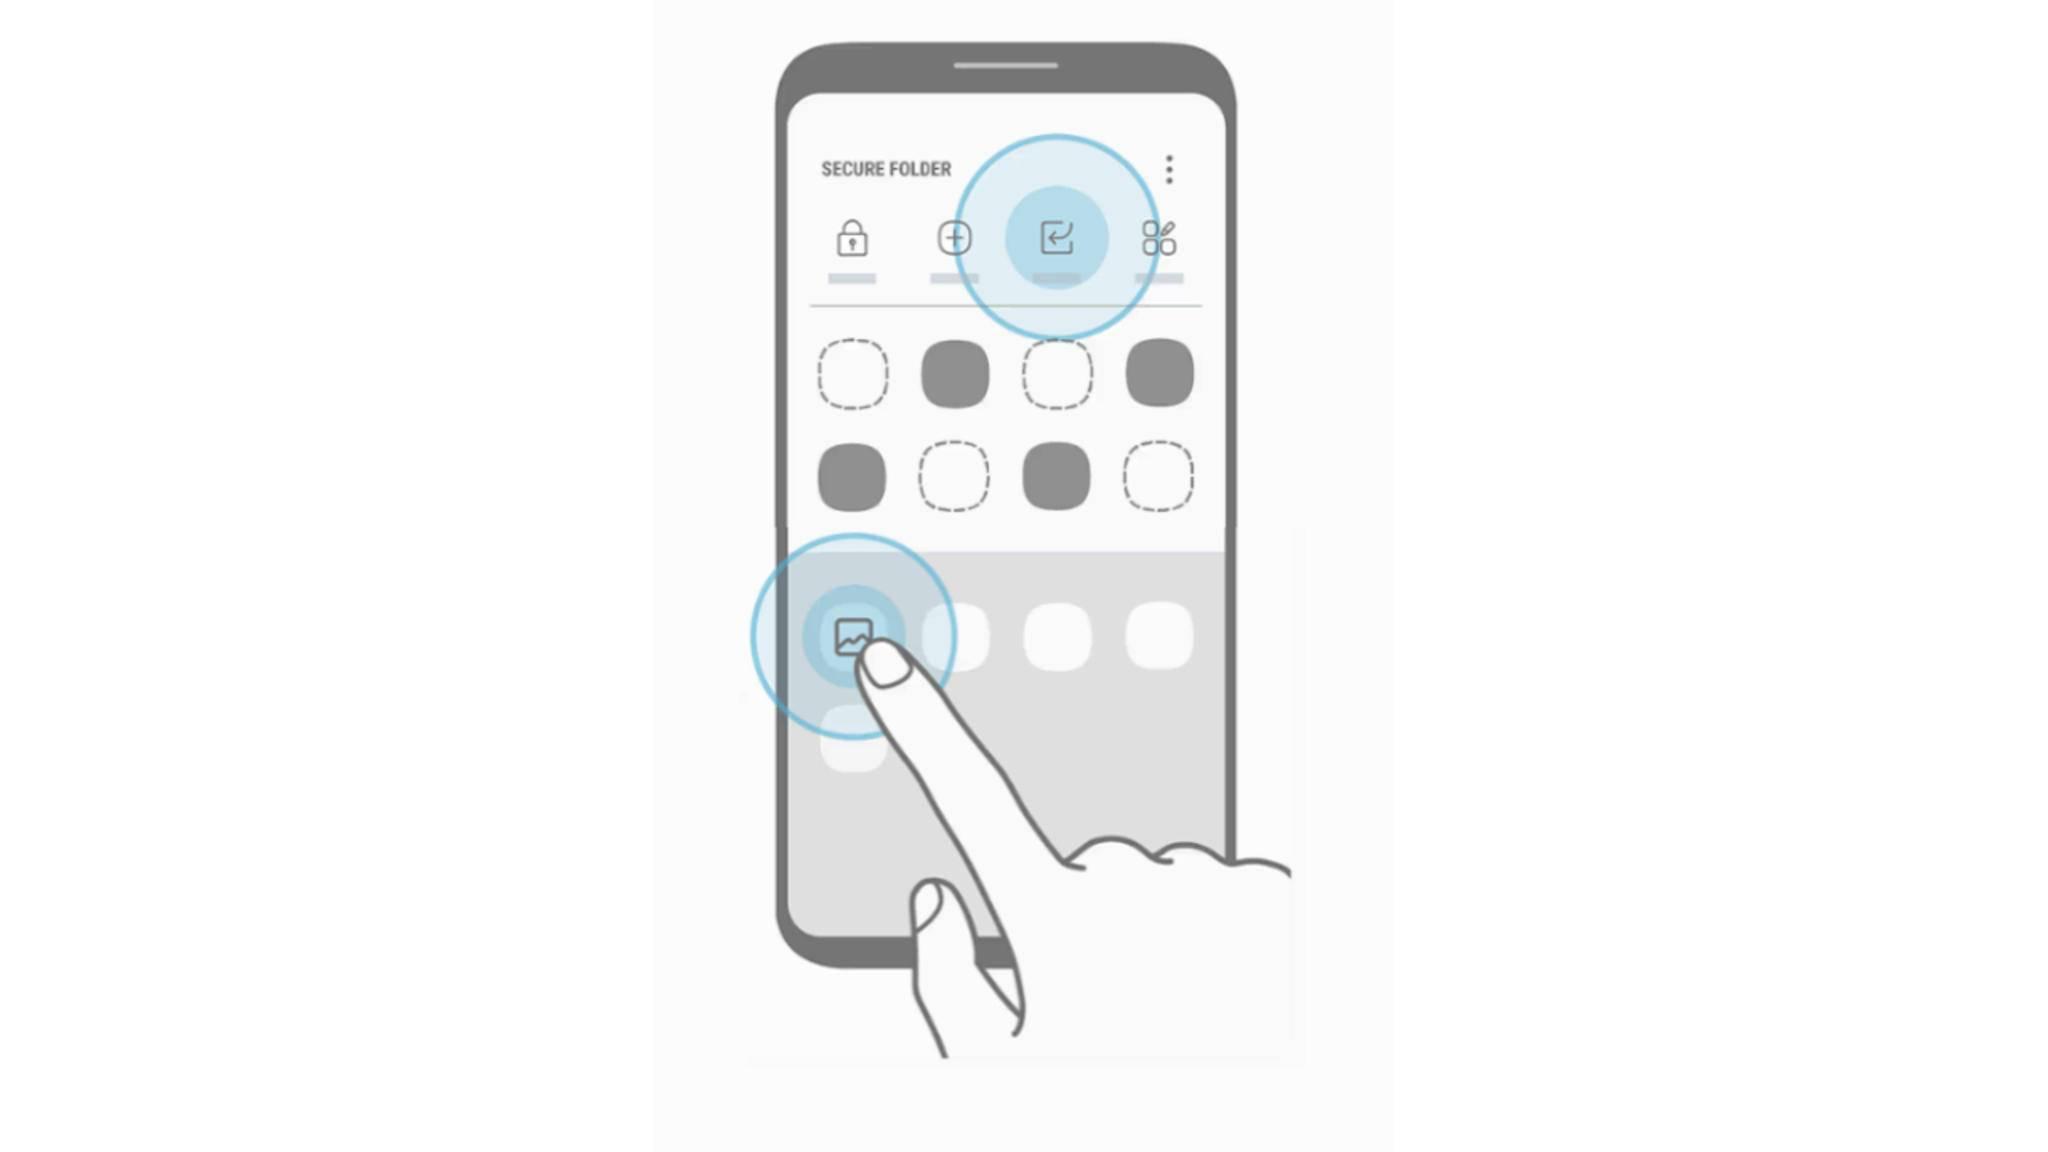 Diese Darstellung in der App Secure Folder sieht doch verdächtig nach dem Galaxy S8 aus!